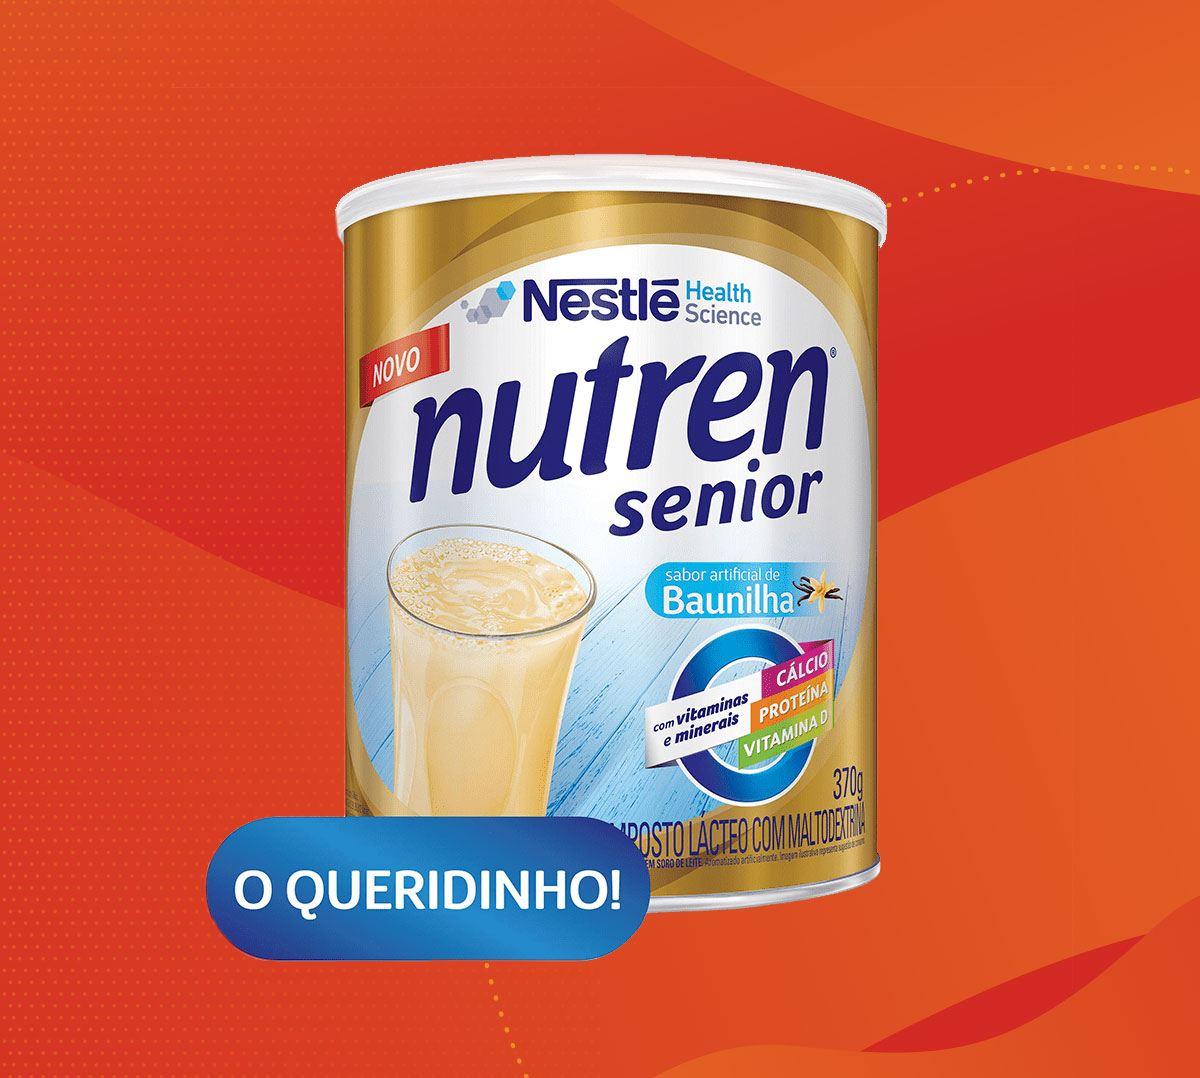 Conheça a família Nutren Senior